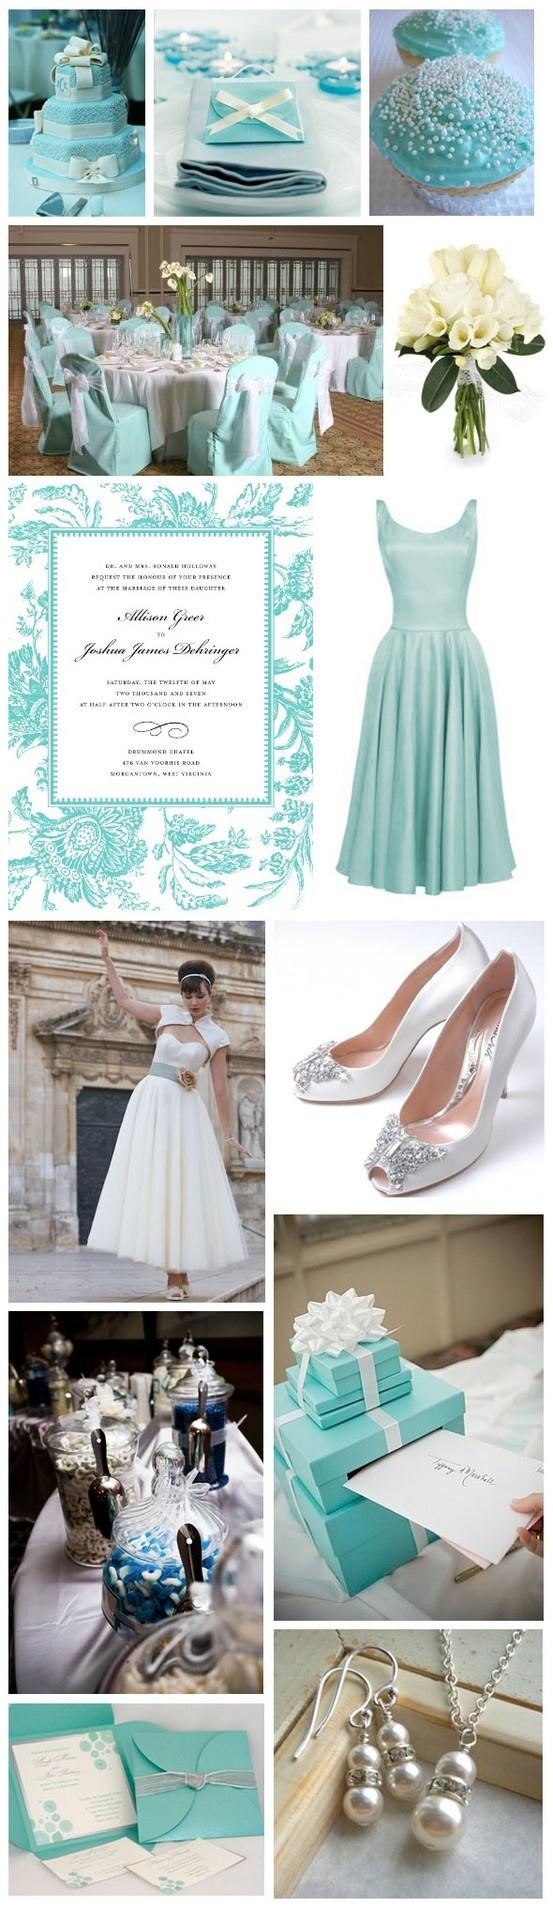 Matrimonio Azzurro Tiffany : Migliori immagini su matrimonio color tiffany